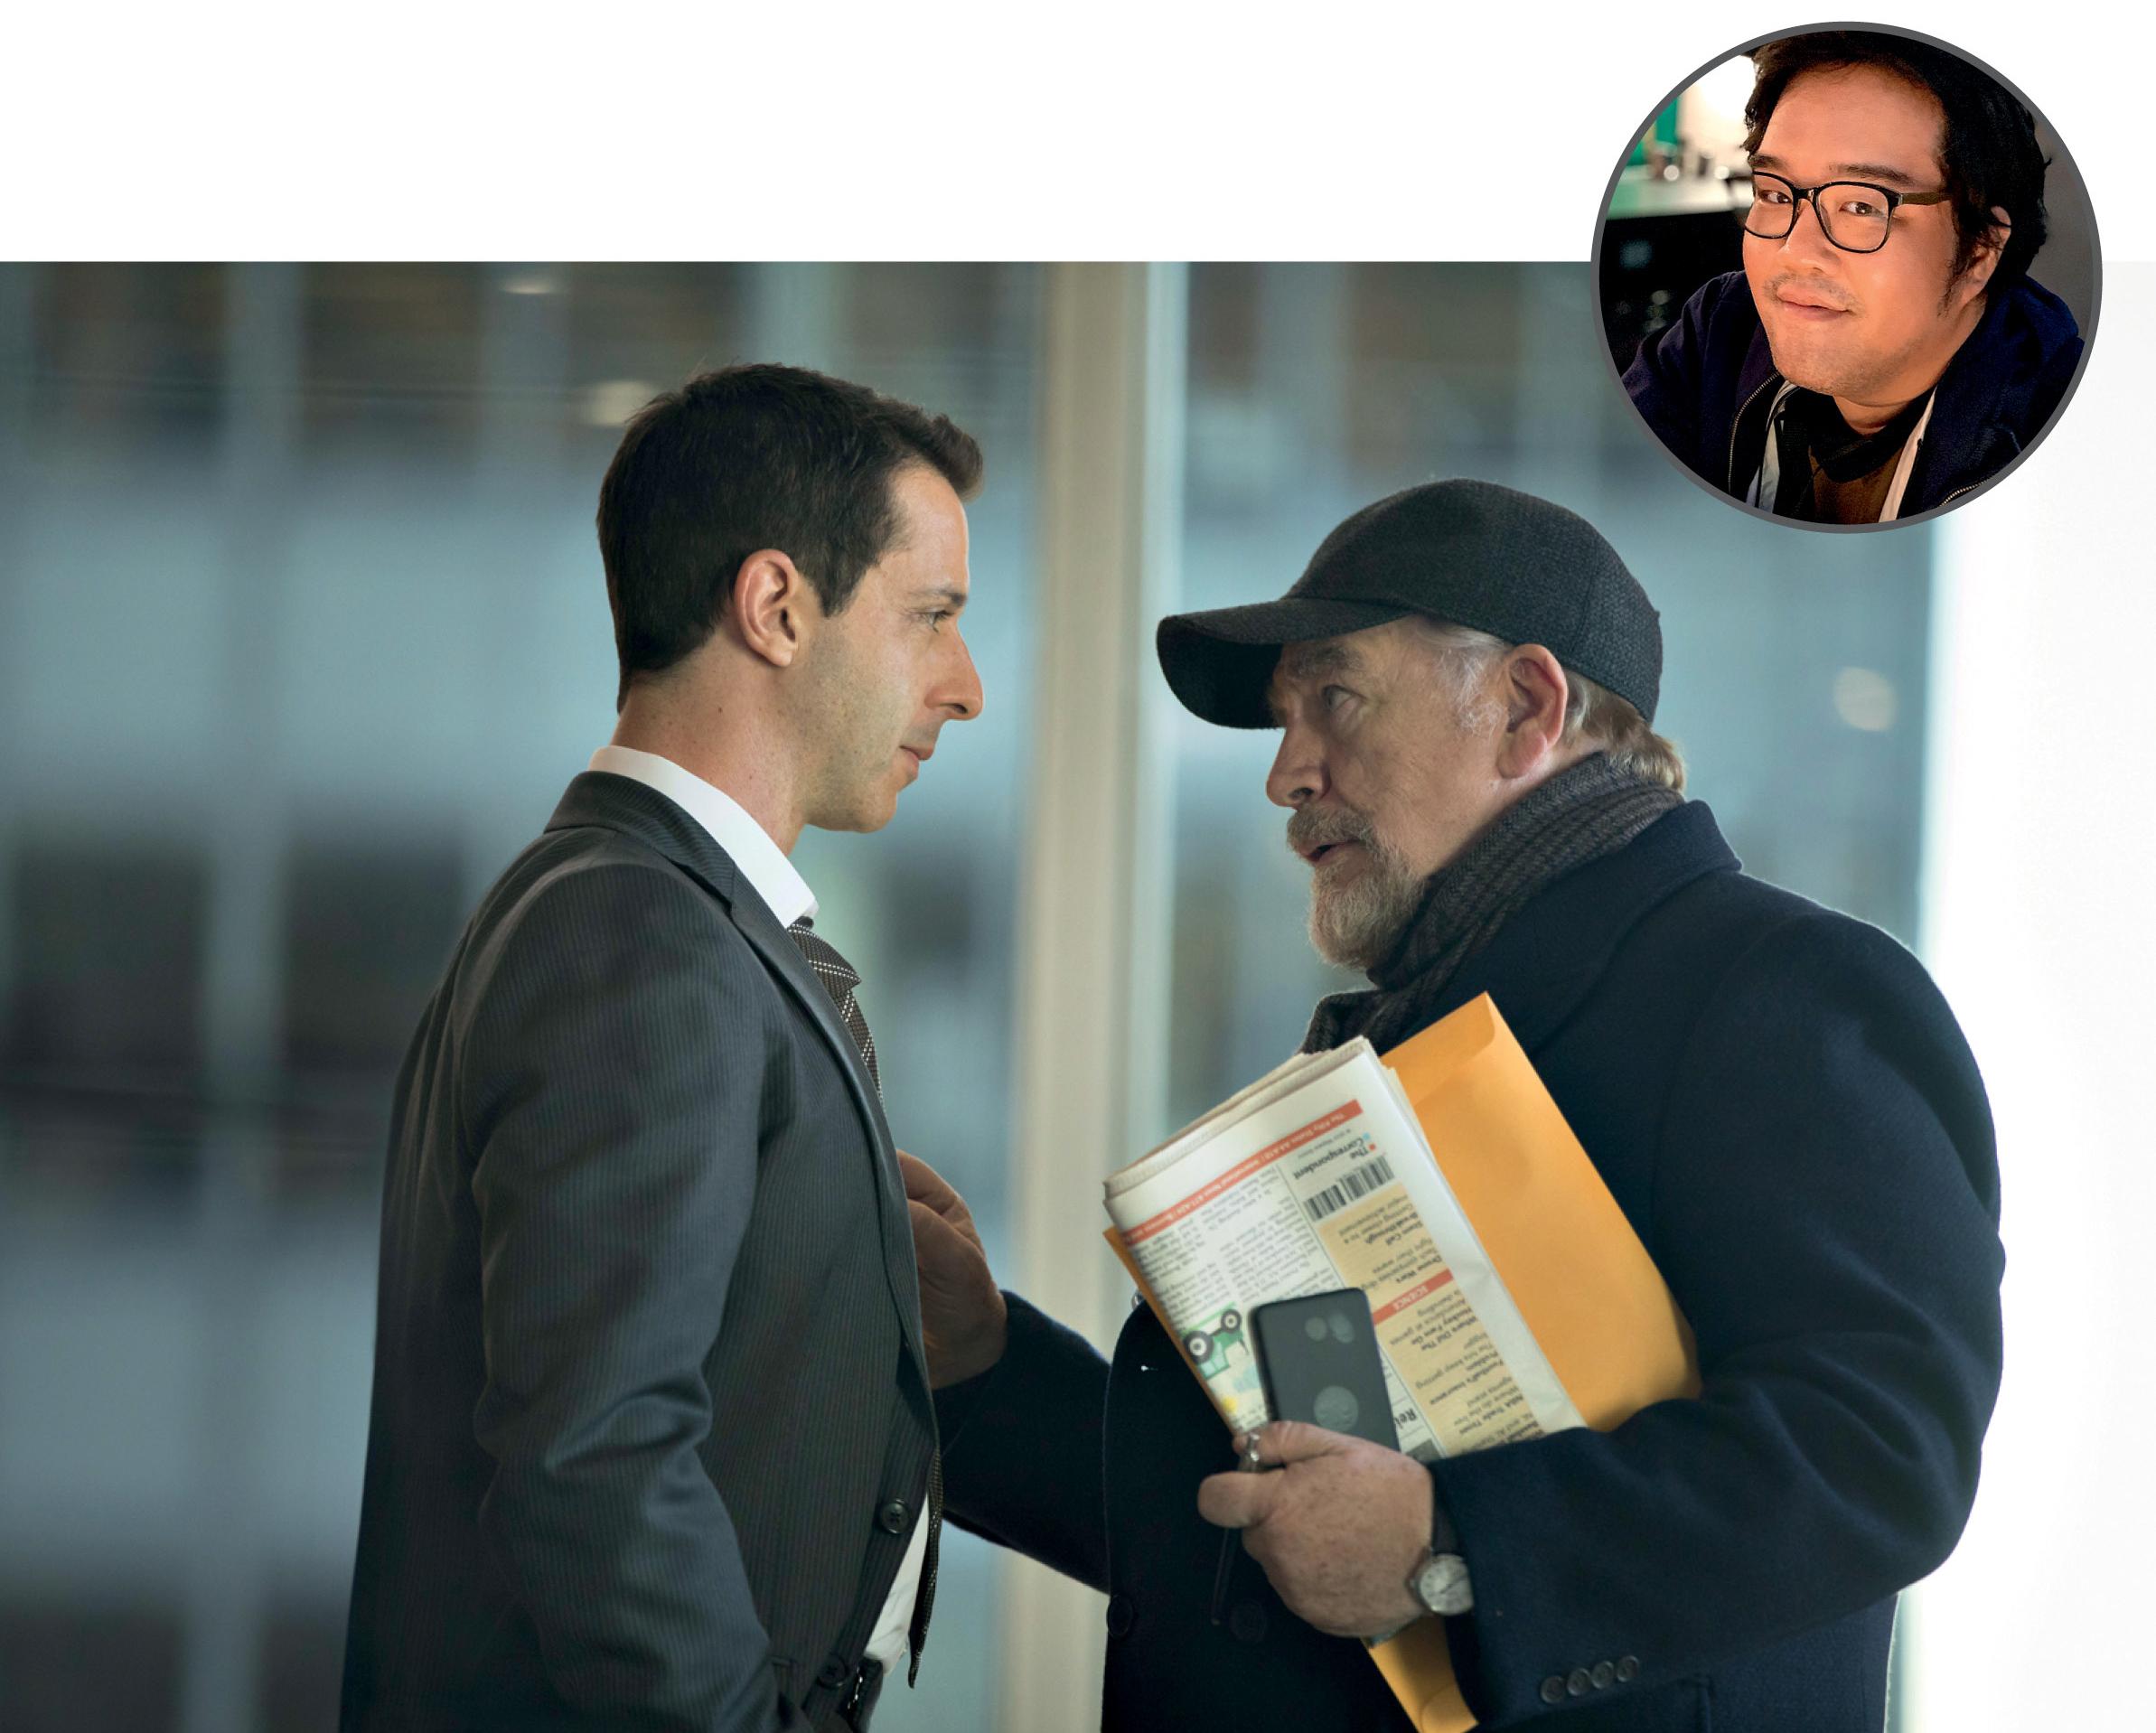 Foto de Saulo com uma imagem ilustrativa da série Succesion